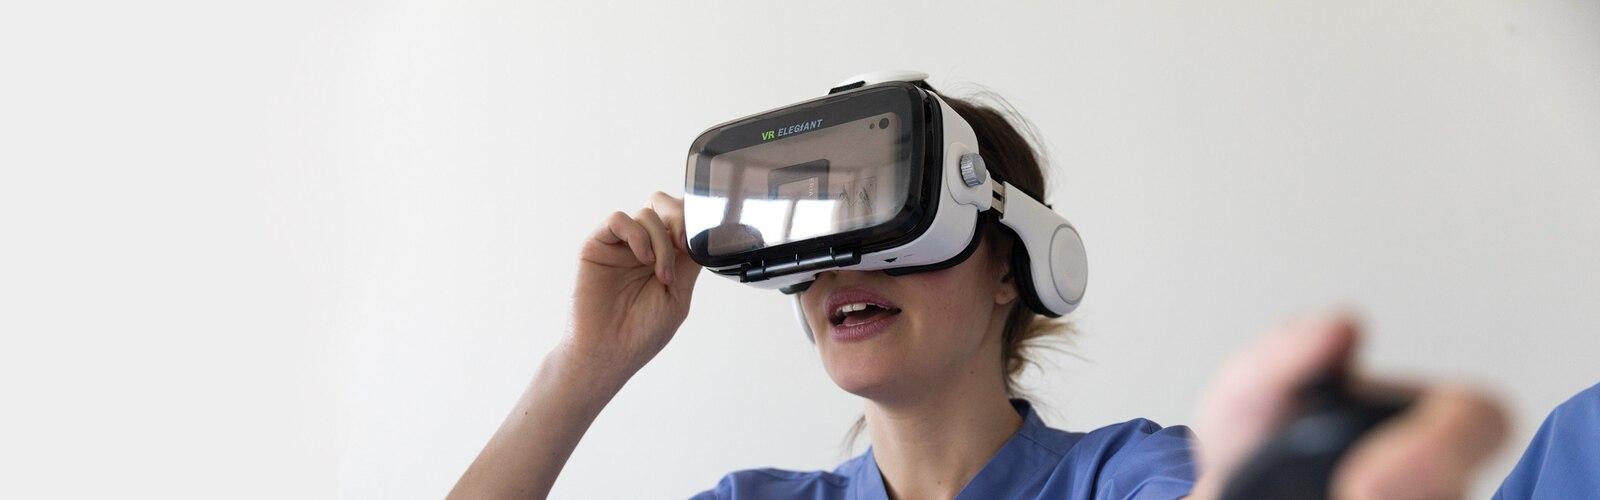 VR_Org.jpg